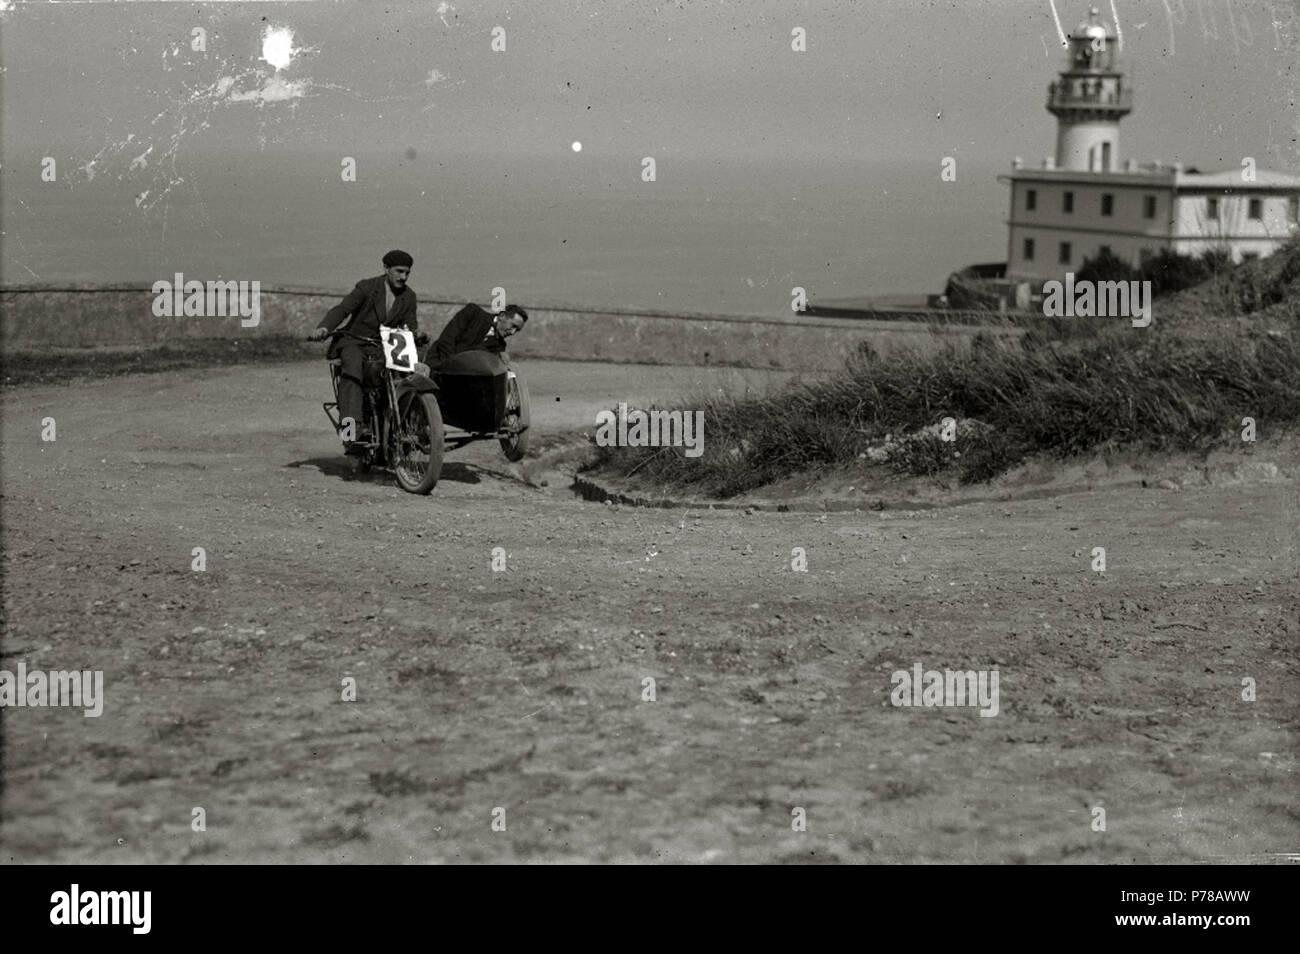 Español: Título original: Motociclismo por el Paseo del Faro (1/6) Localización: San Sebastián (Guipúzcoa)  . 1922 47 Motociclismo por el Paseo del Faro (1 de 6) - Fondo Car-Kutxa Fototeka Stock Photo